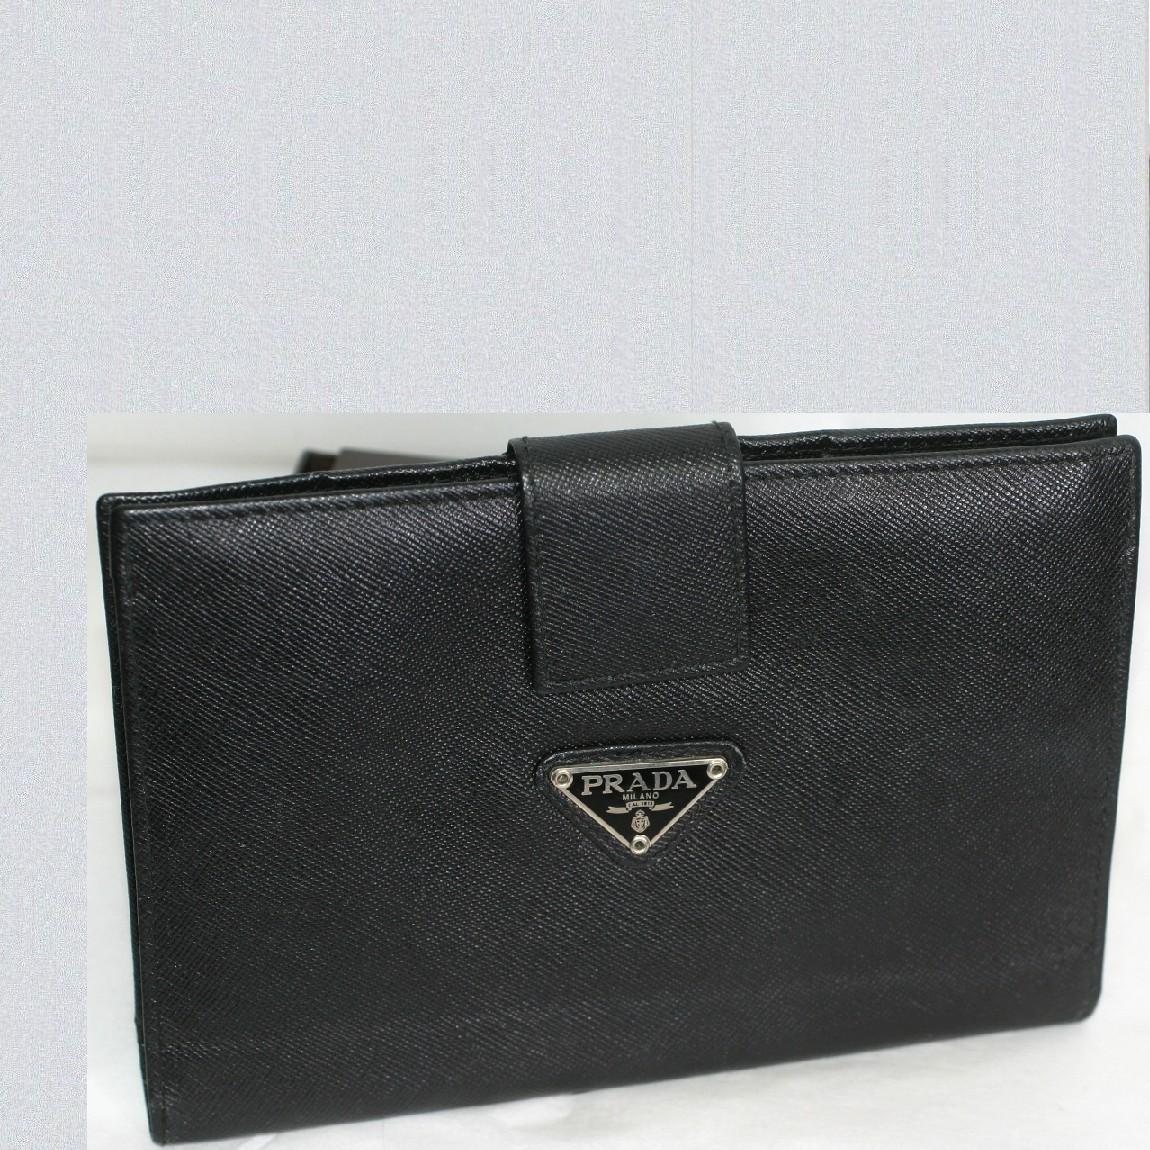 【中古】本物綺麗プラダ女性用黒い革素材札カード小銭入れ W17,5H11.5D1cm お勧めです